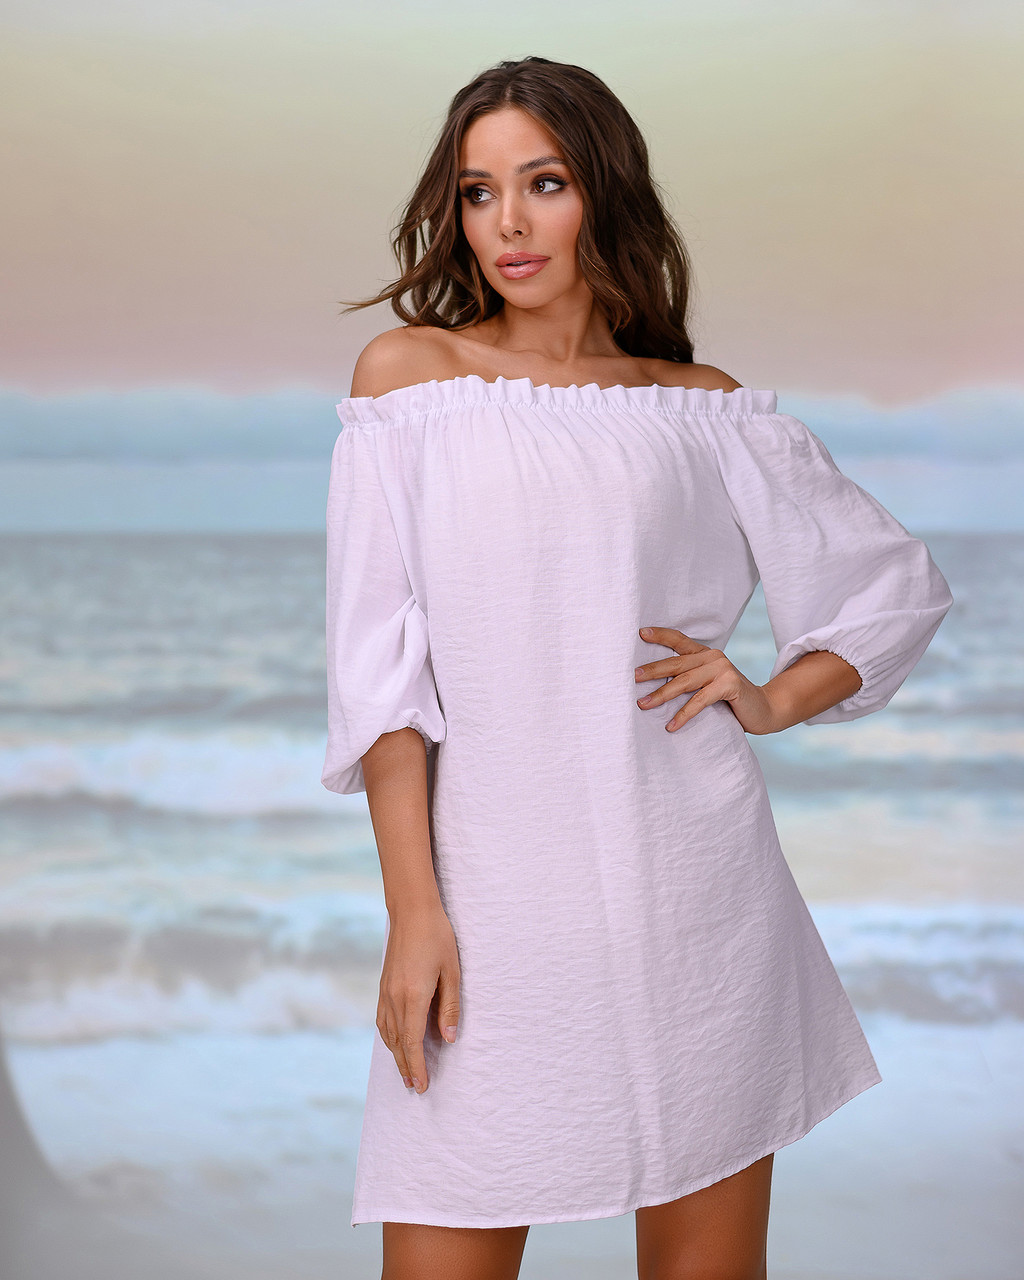 Короткая пляжная туника со спущенными плечами . Цвет белый. Размер 42-44